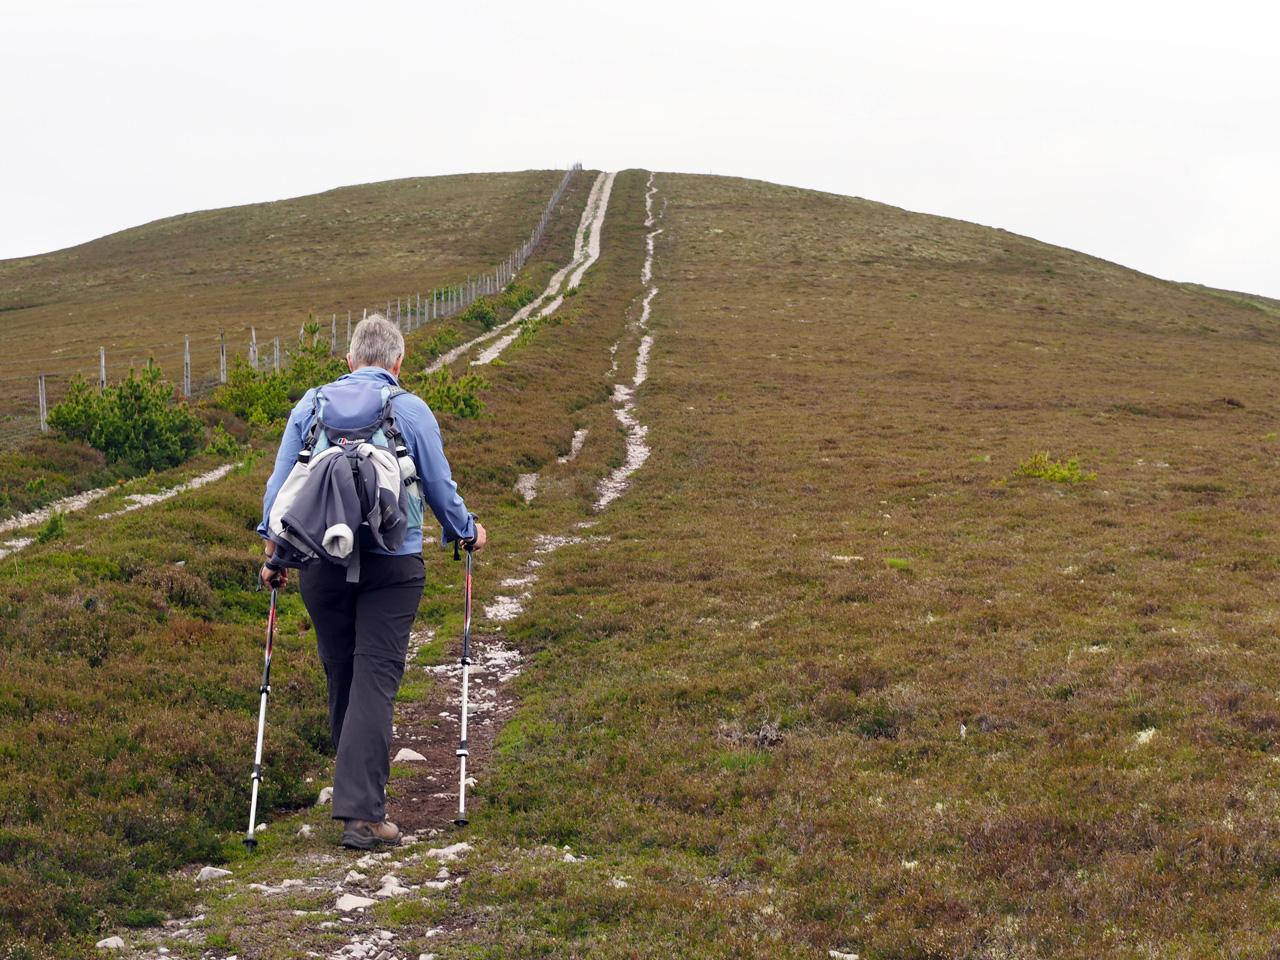 de top van Cairn Daimh komt in zicht